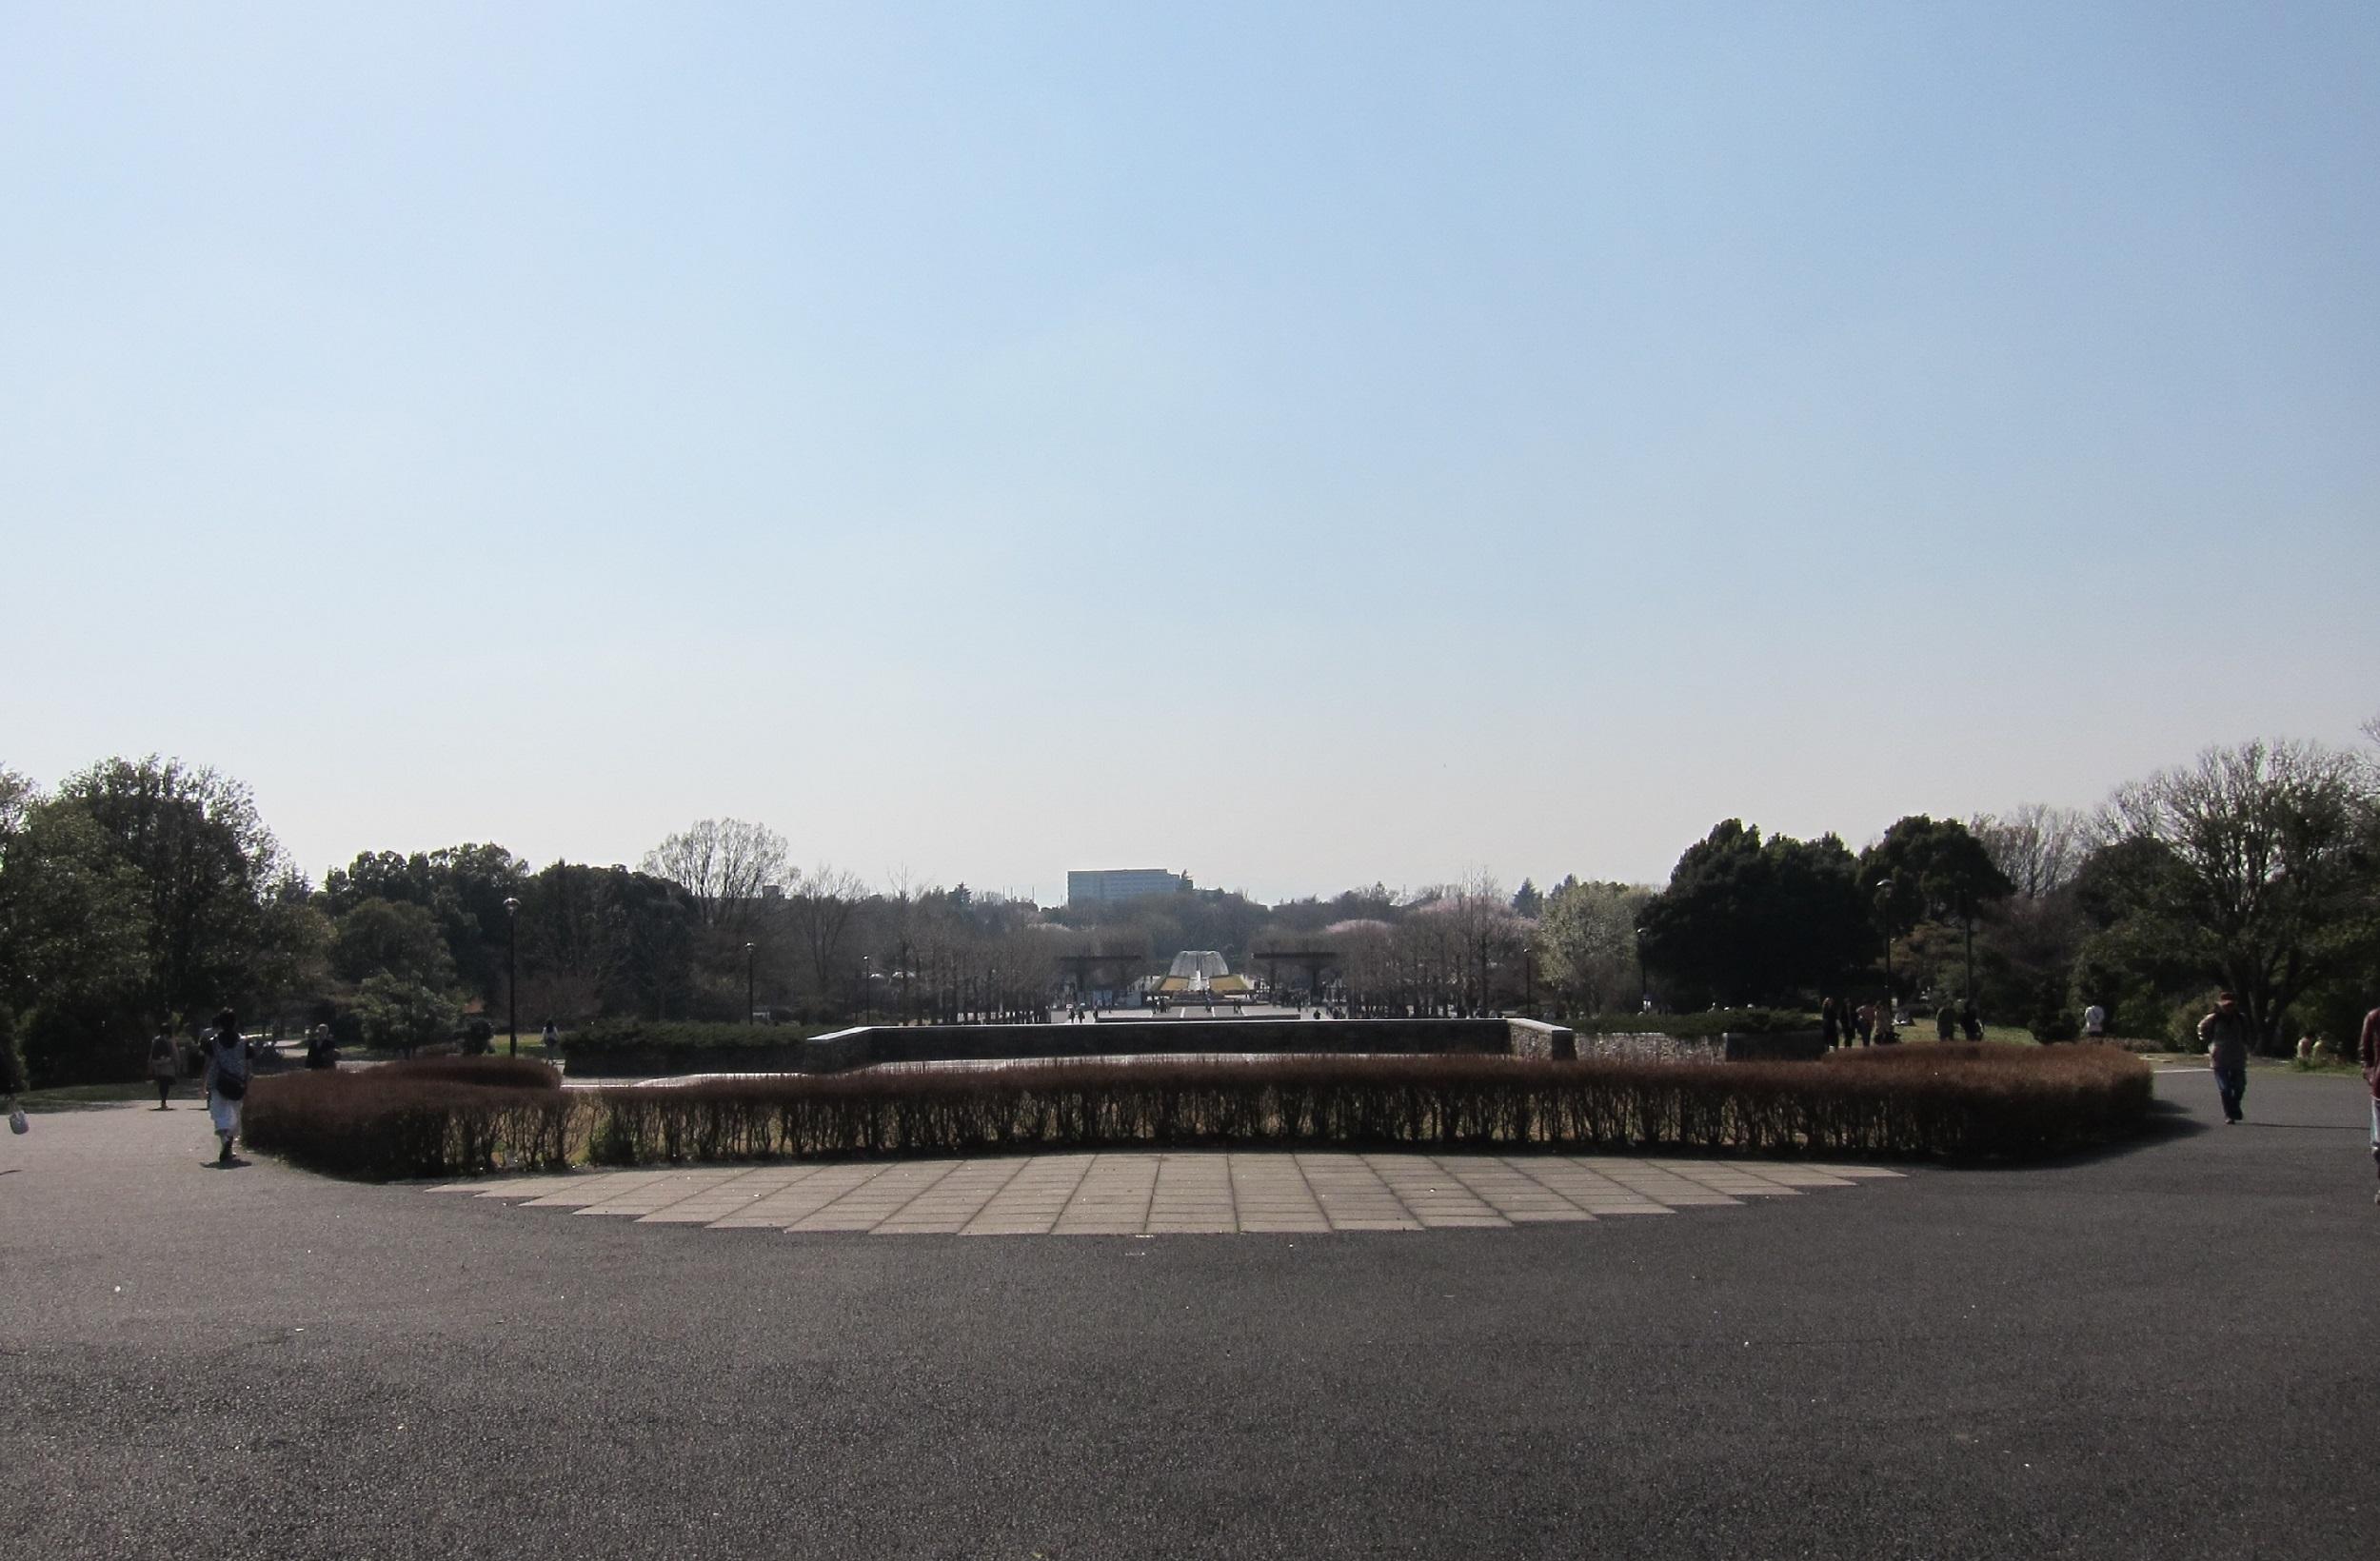 昭和記念公園での遊び方【デート編】